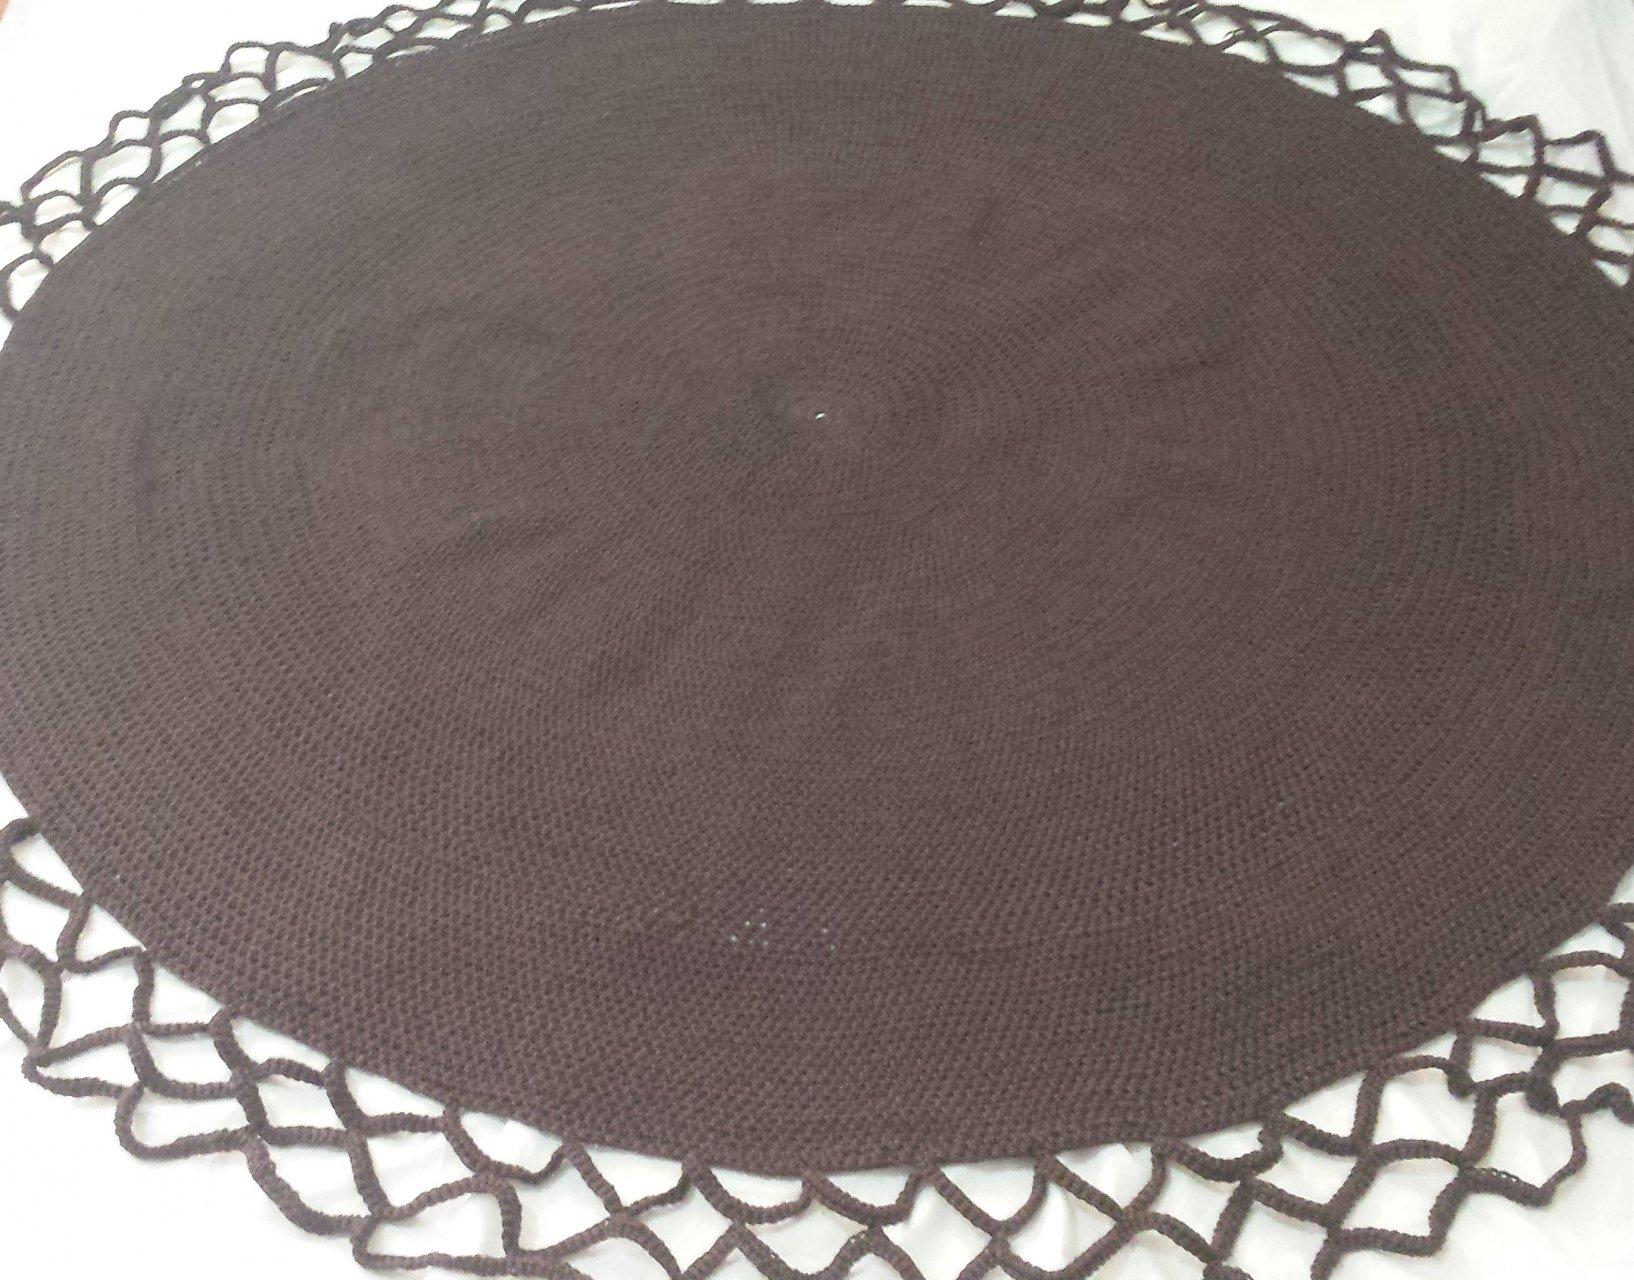 فرش دستباف طرح دایره با حاشیه دور